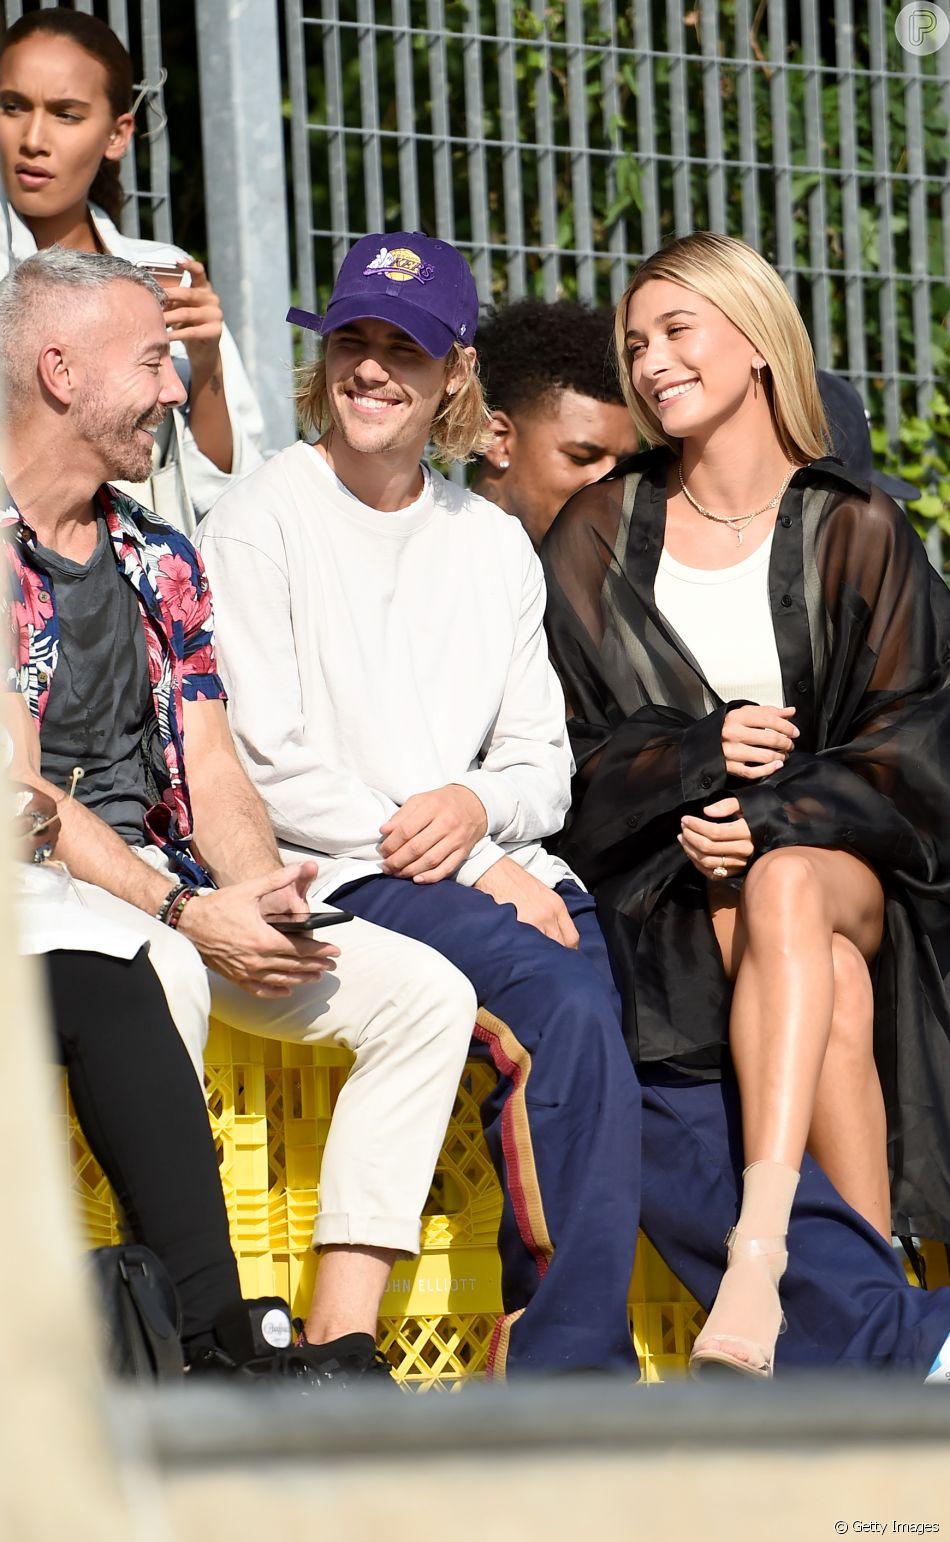 Justin Bieber e a noiva, Hailey Baldwin, assistiram ao desfile de John Elliott na Semana da Moda em Nova York, nesta quinta-feira, 6 de setembro de 2018